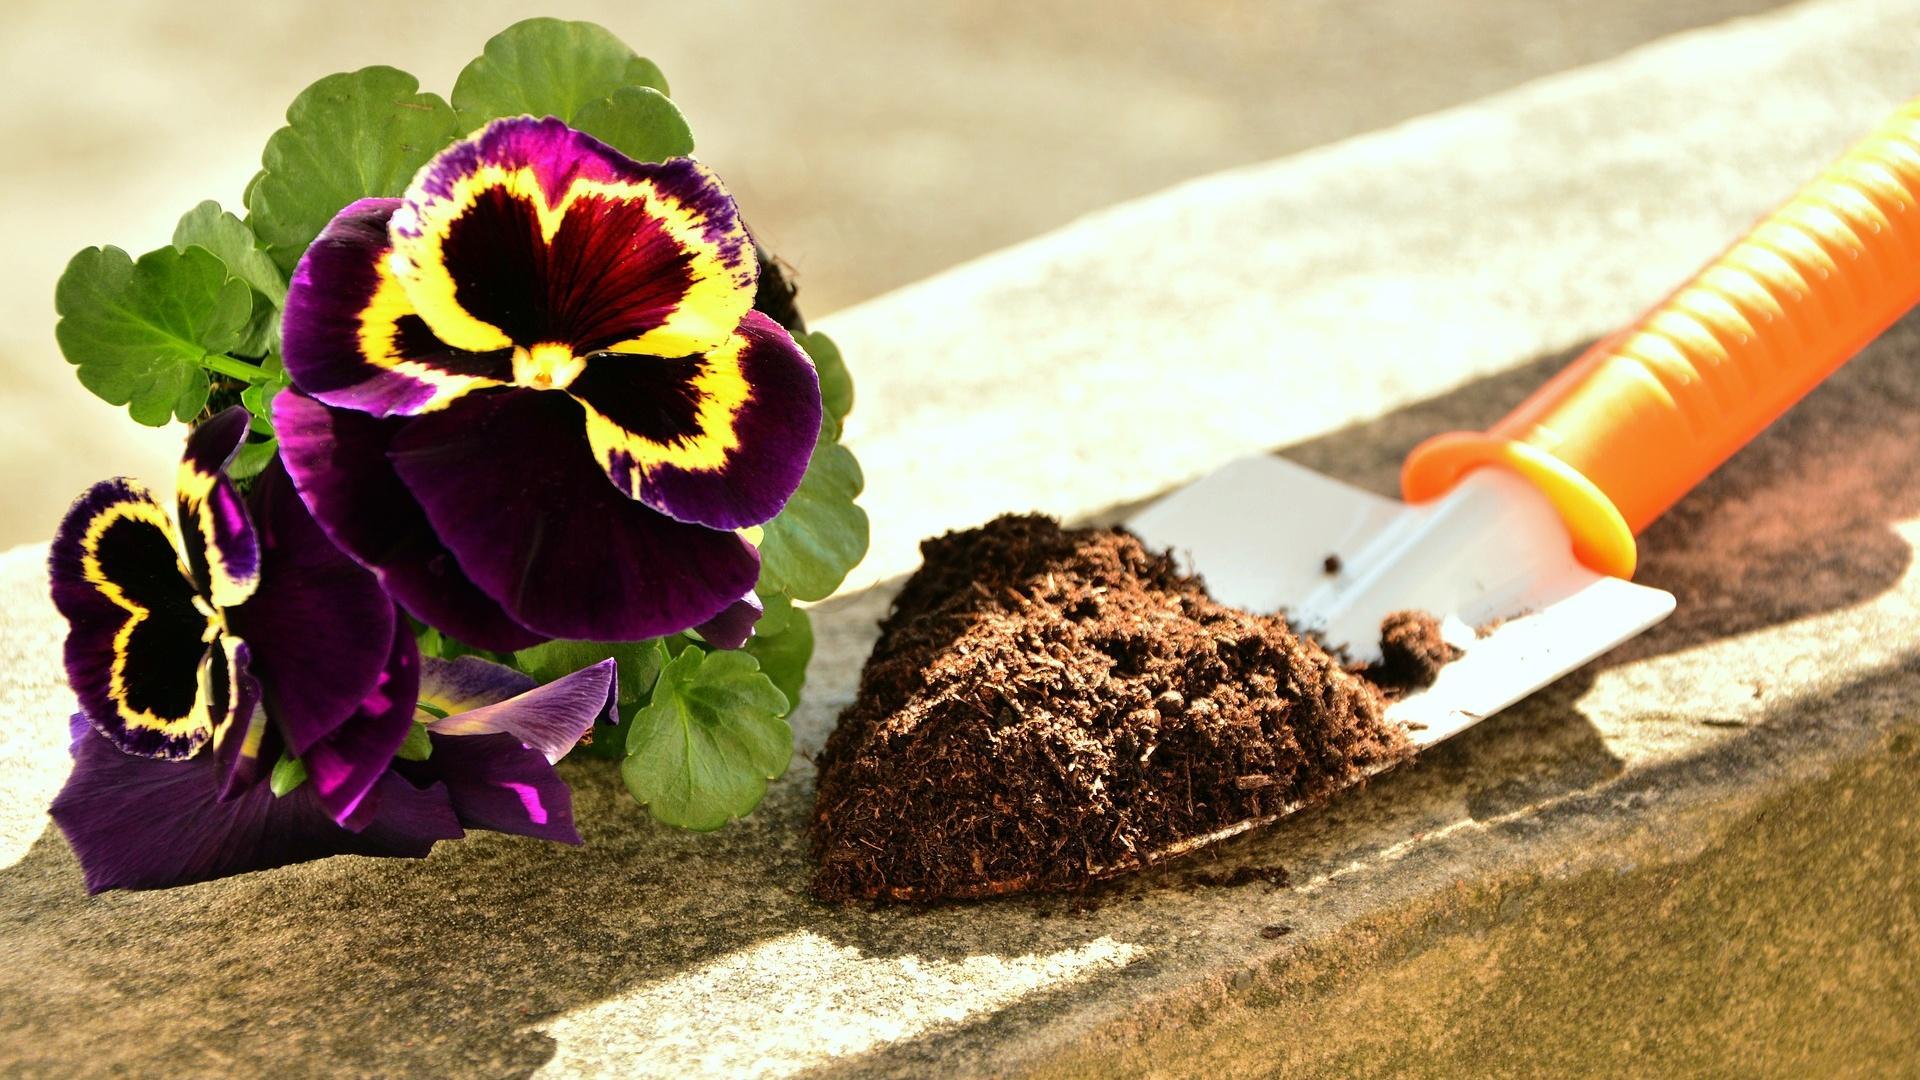 Stellen Sie einen Milbenbefall in der Blumenerde fest, tauschen Sie die Erde direkt aus.